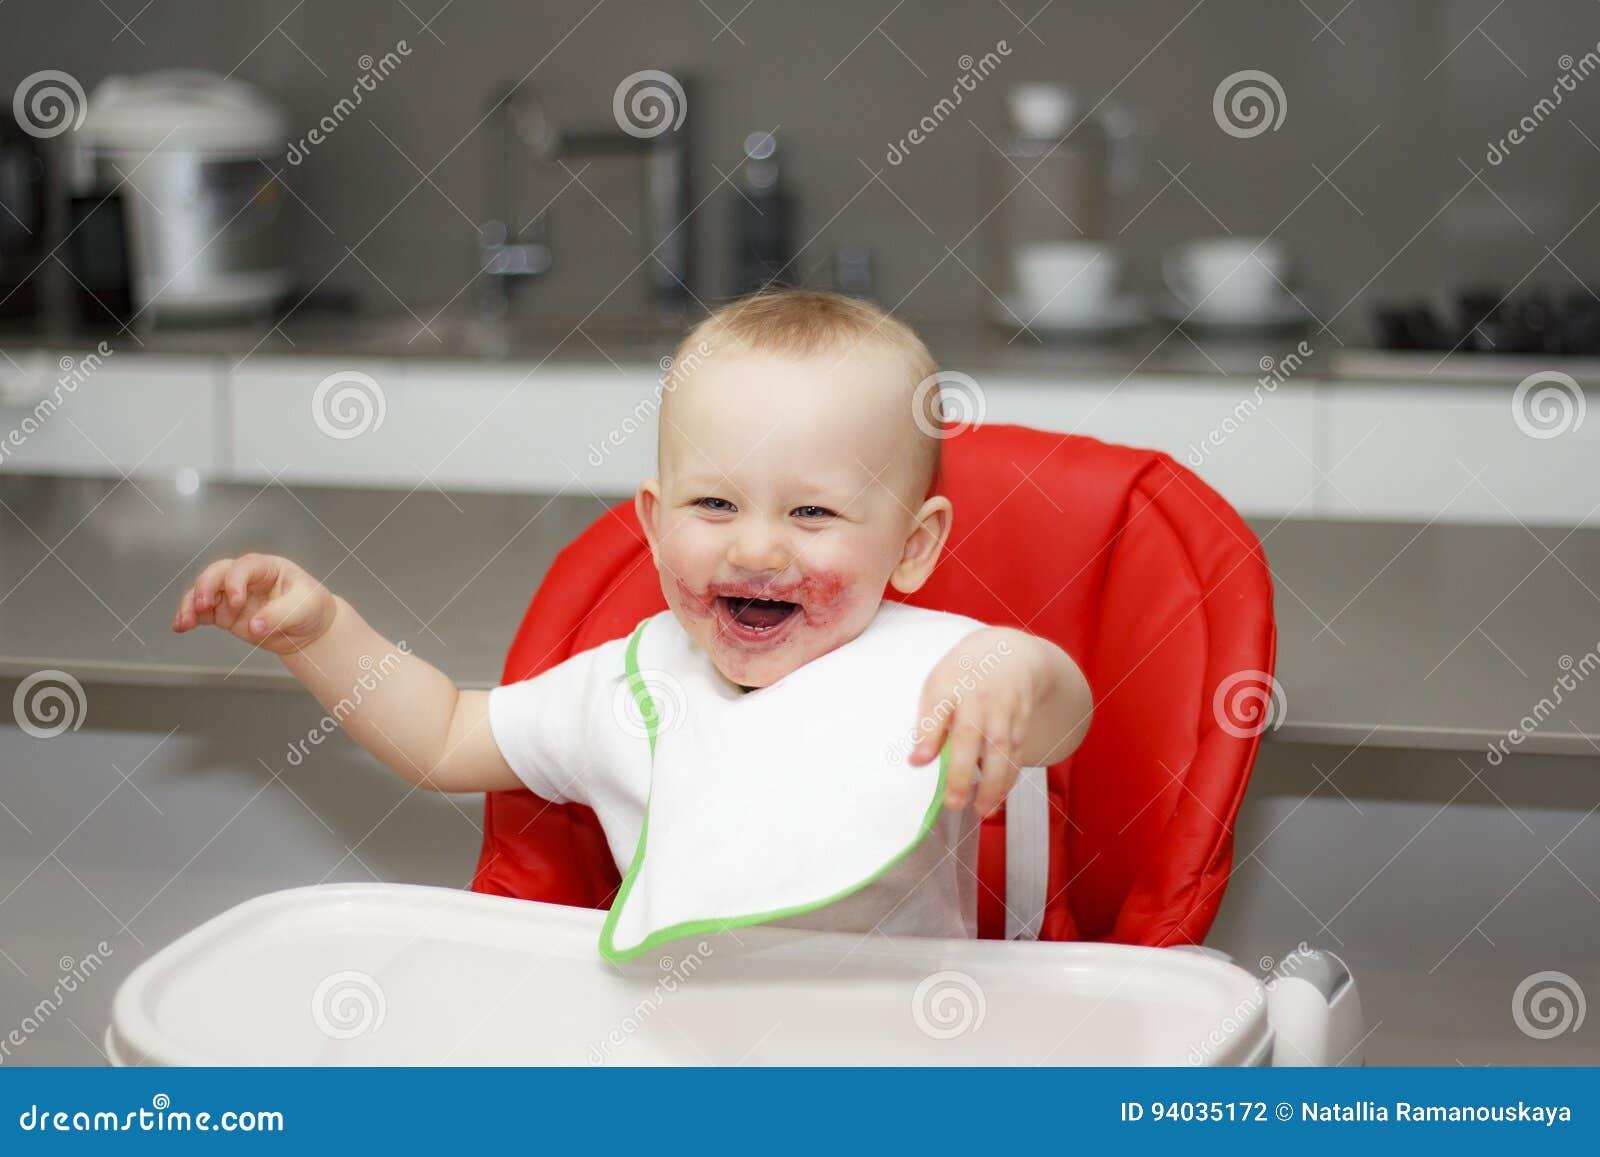 Συνεδρίαση μικρών παιδιών σε μια υψηλή καρέκλα και γέλιο